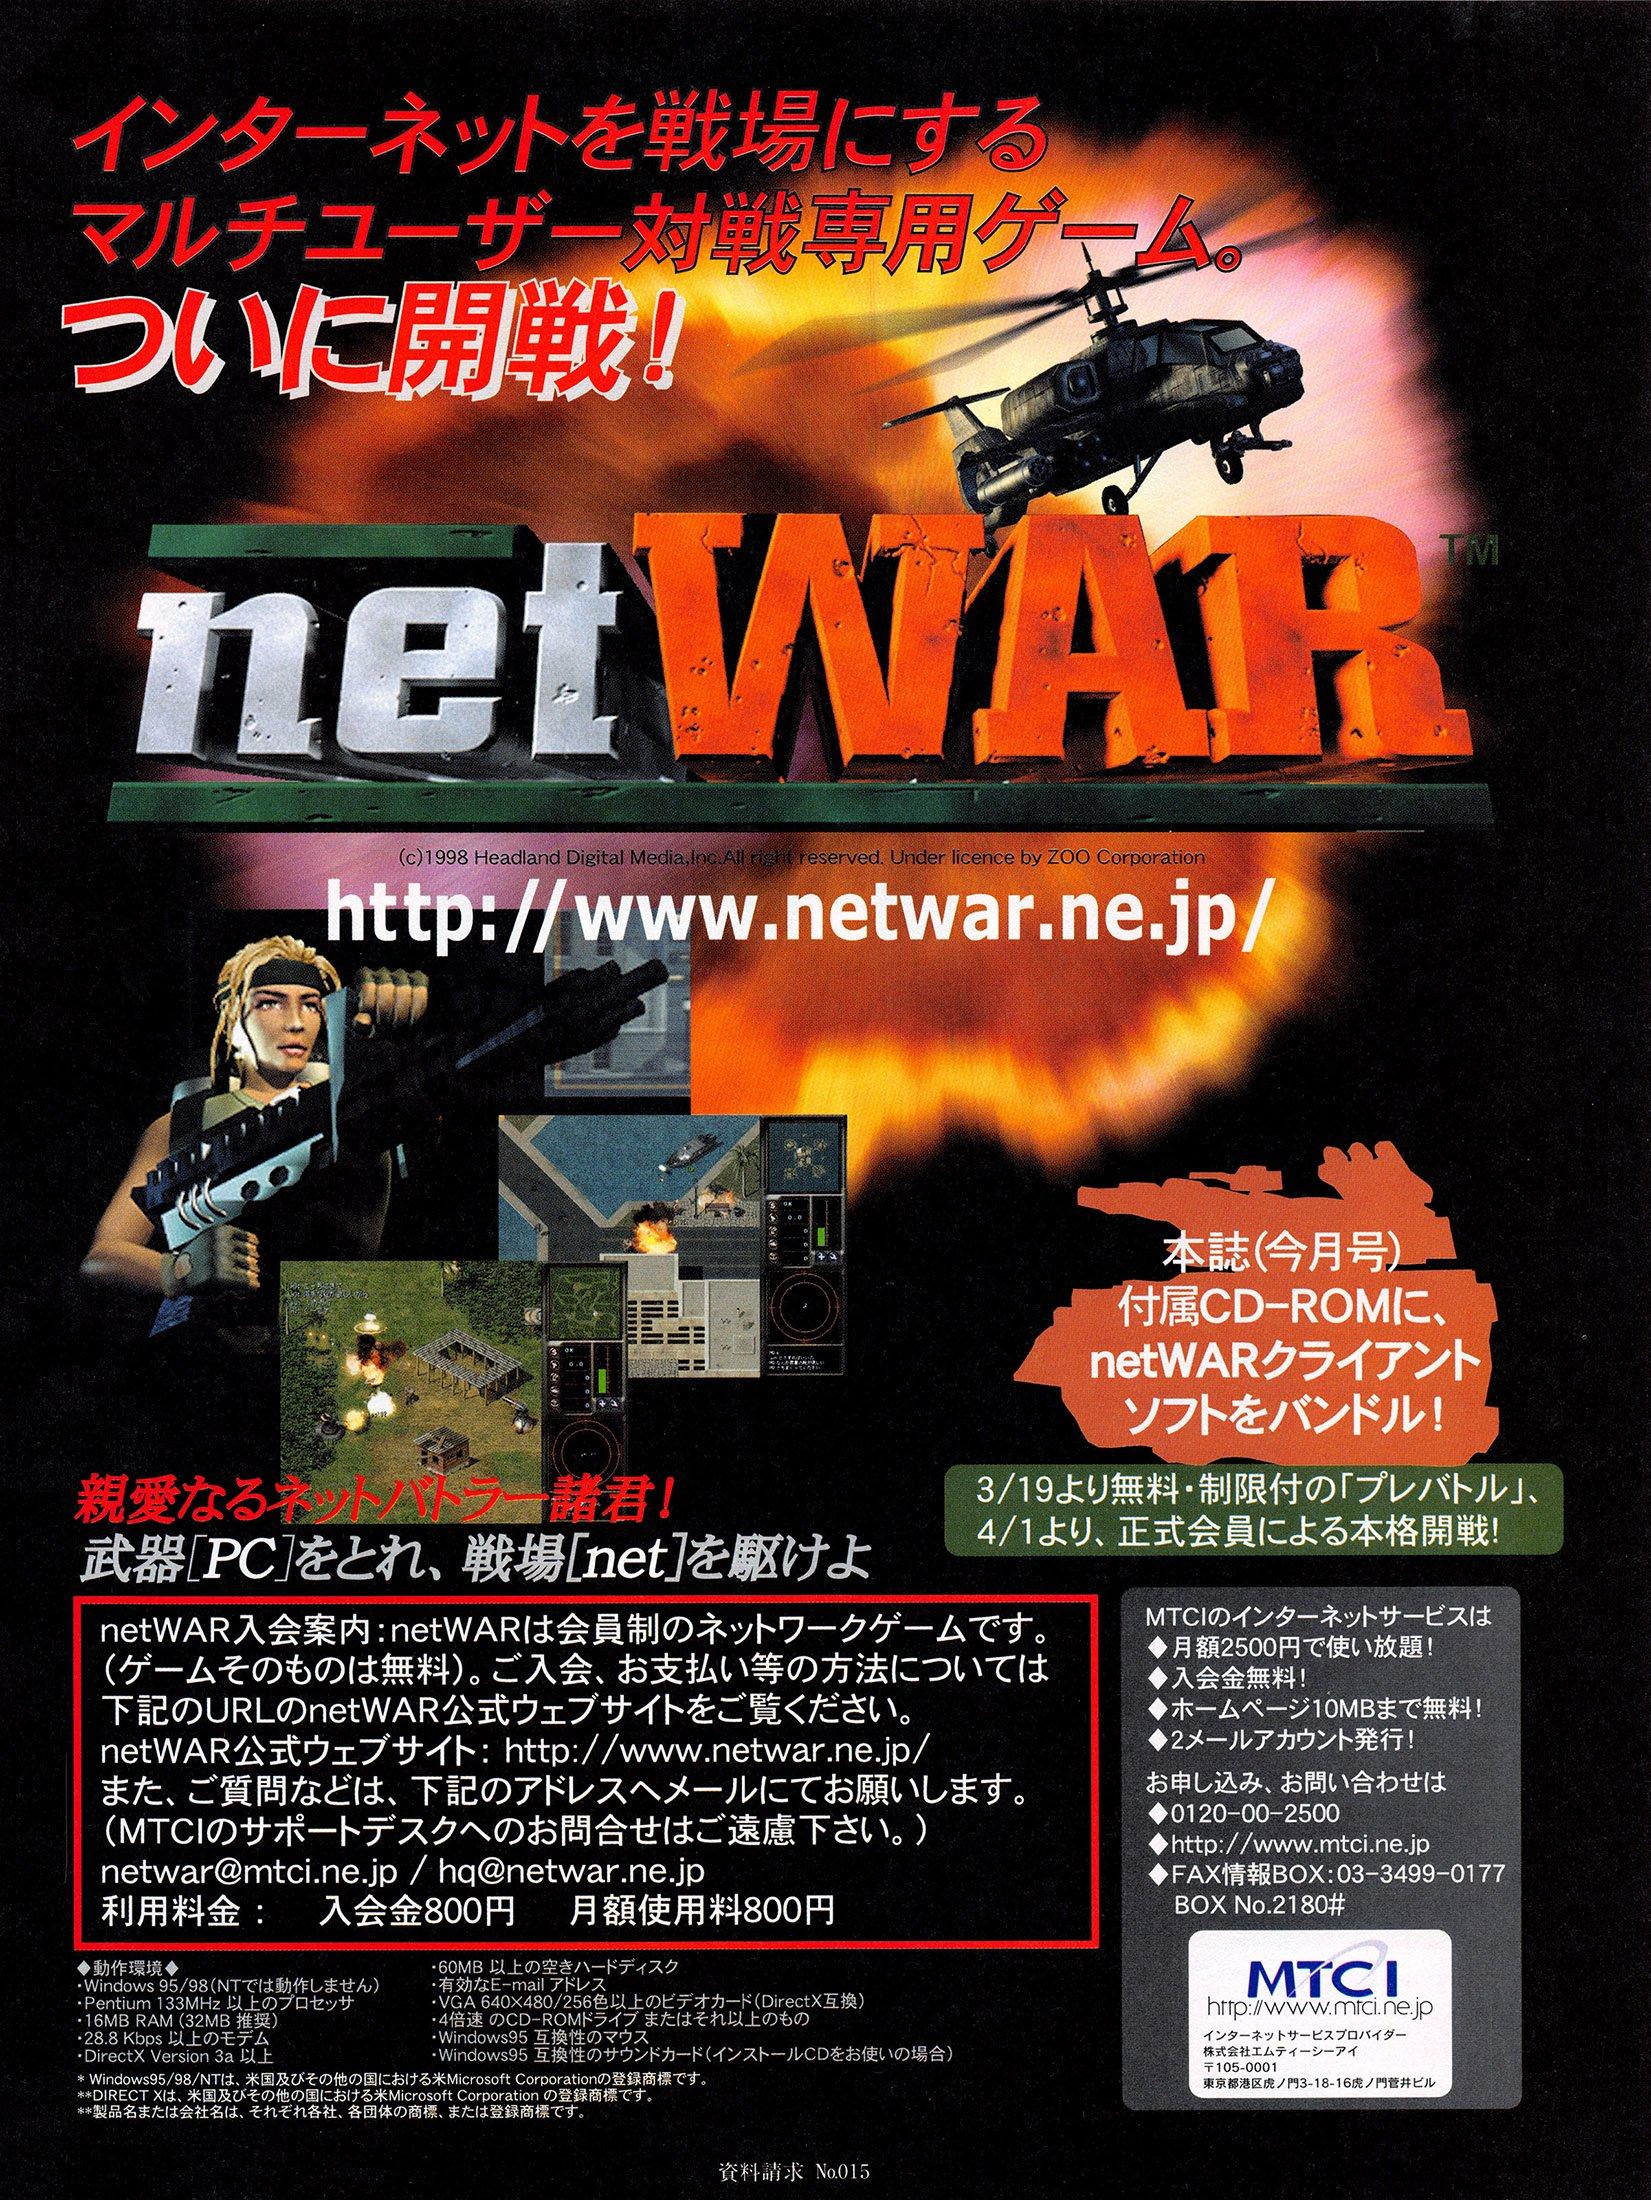 netWAR (Japan)